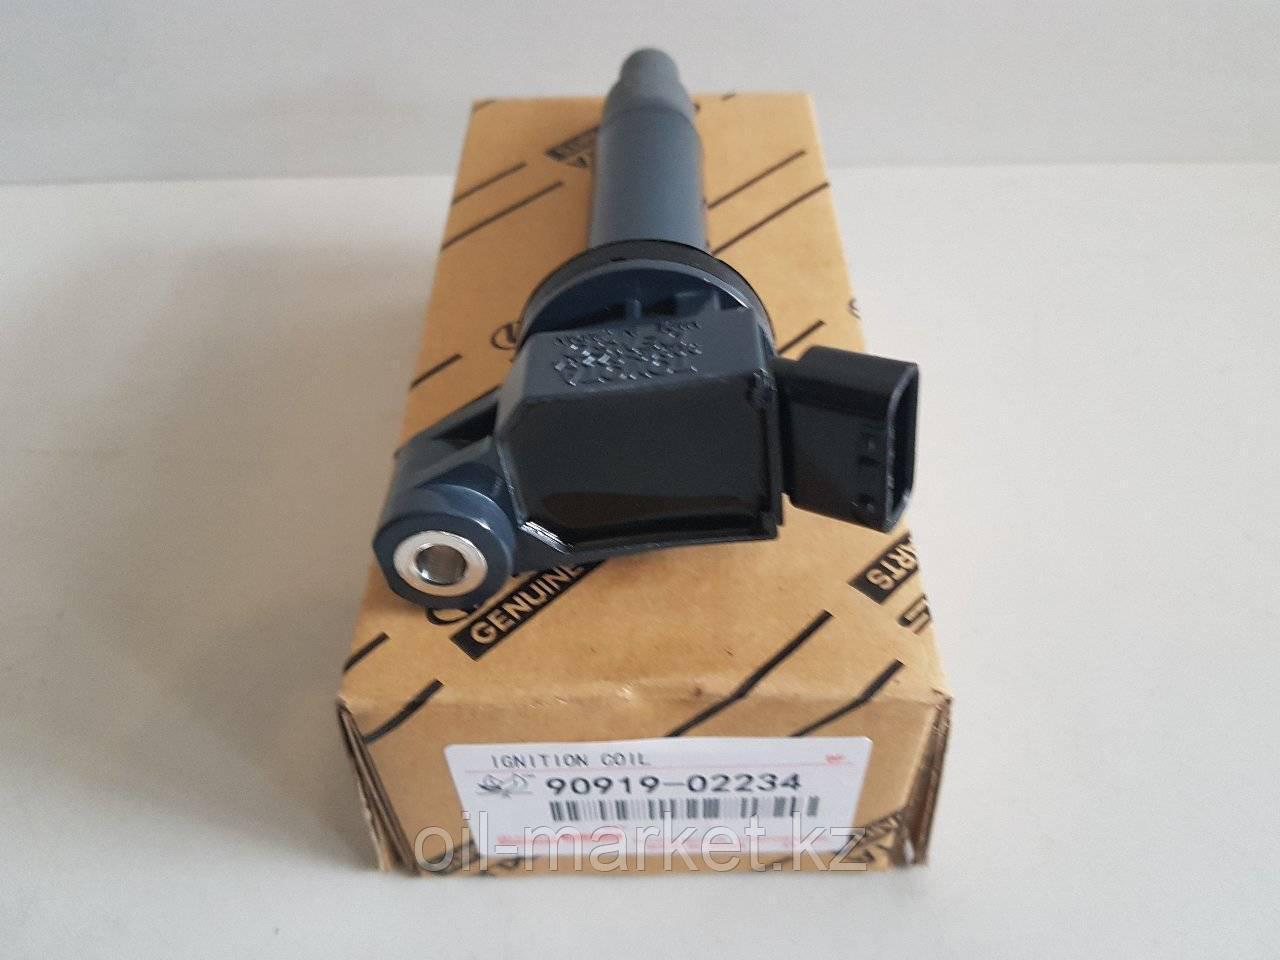 Катушка зажигания Toyota 1MZ-FE 90919-02234